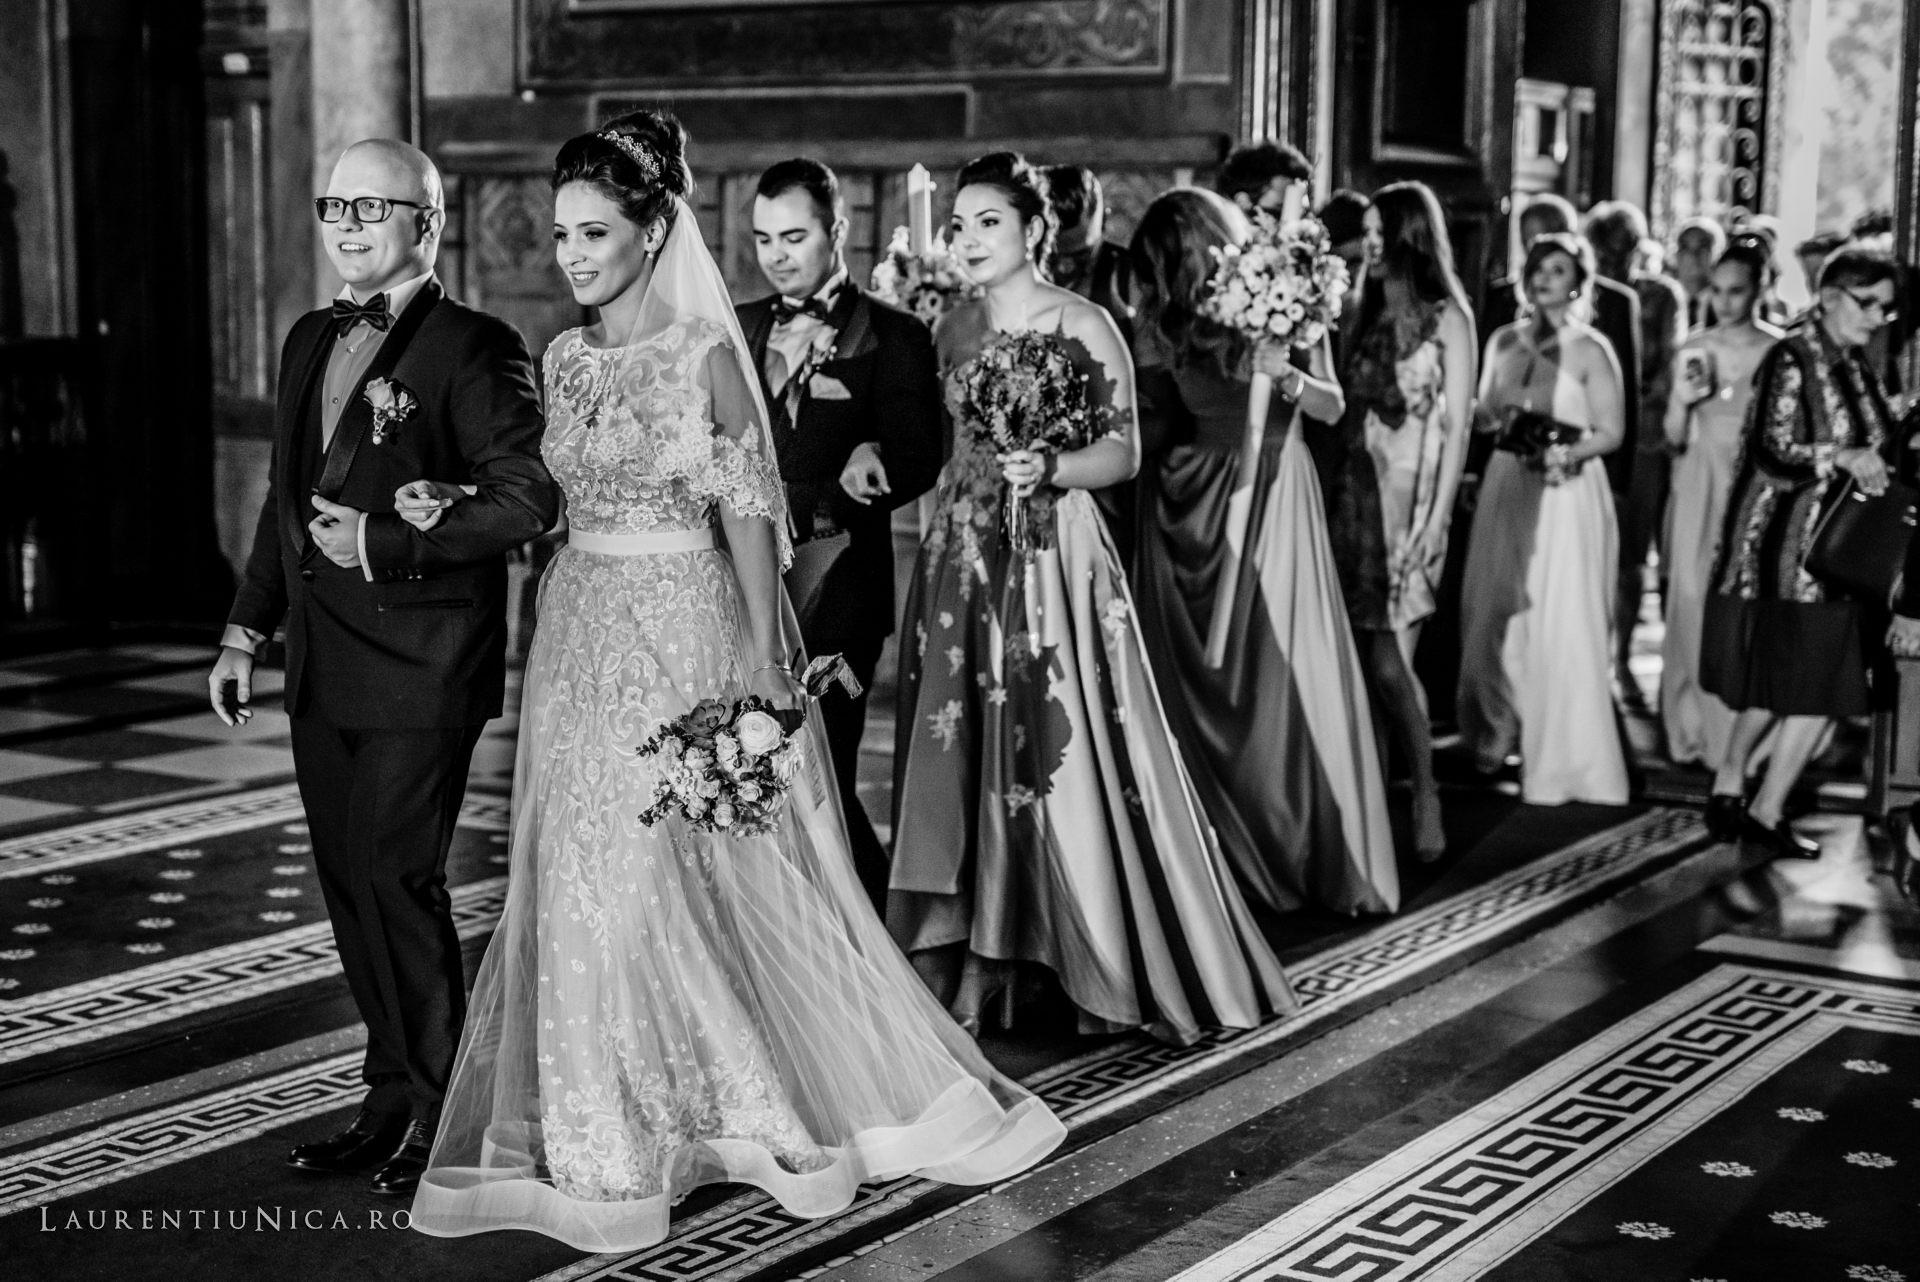 denisa si catalin fotograf nunta laurentiu nica craiova 44 - Denisa si Catalin | Fotografii nunta | Craiova